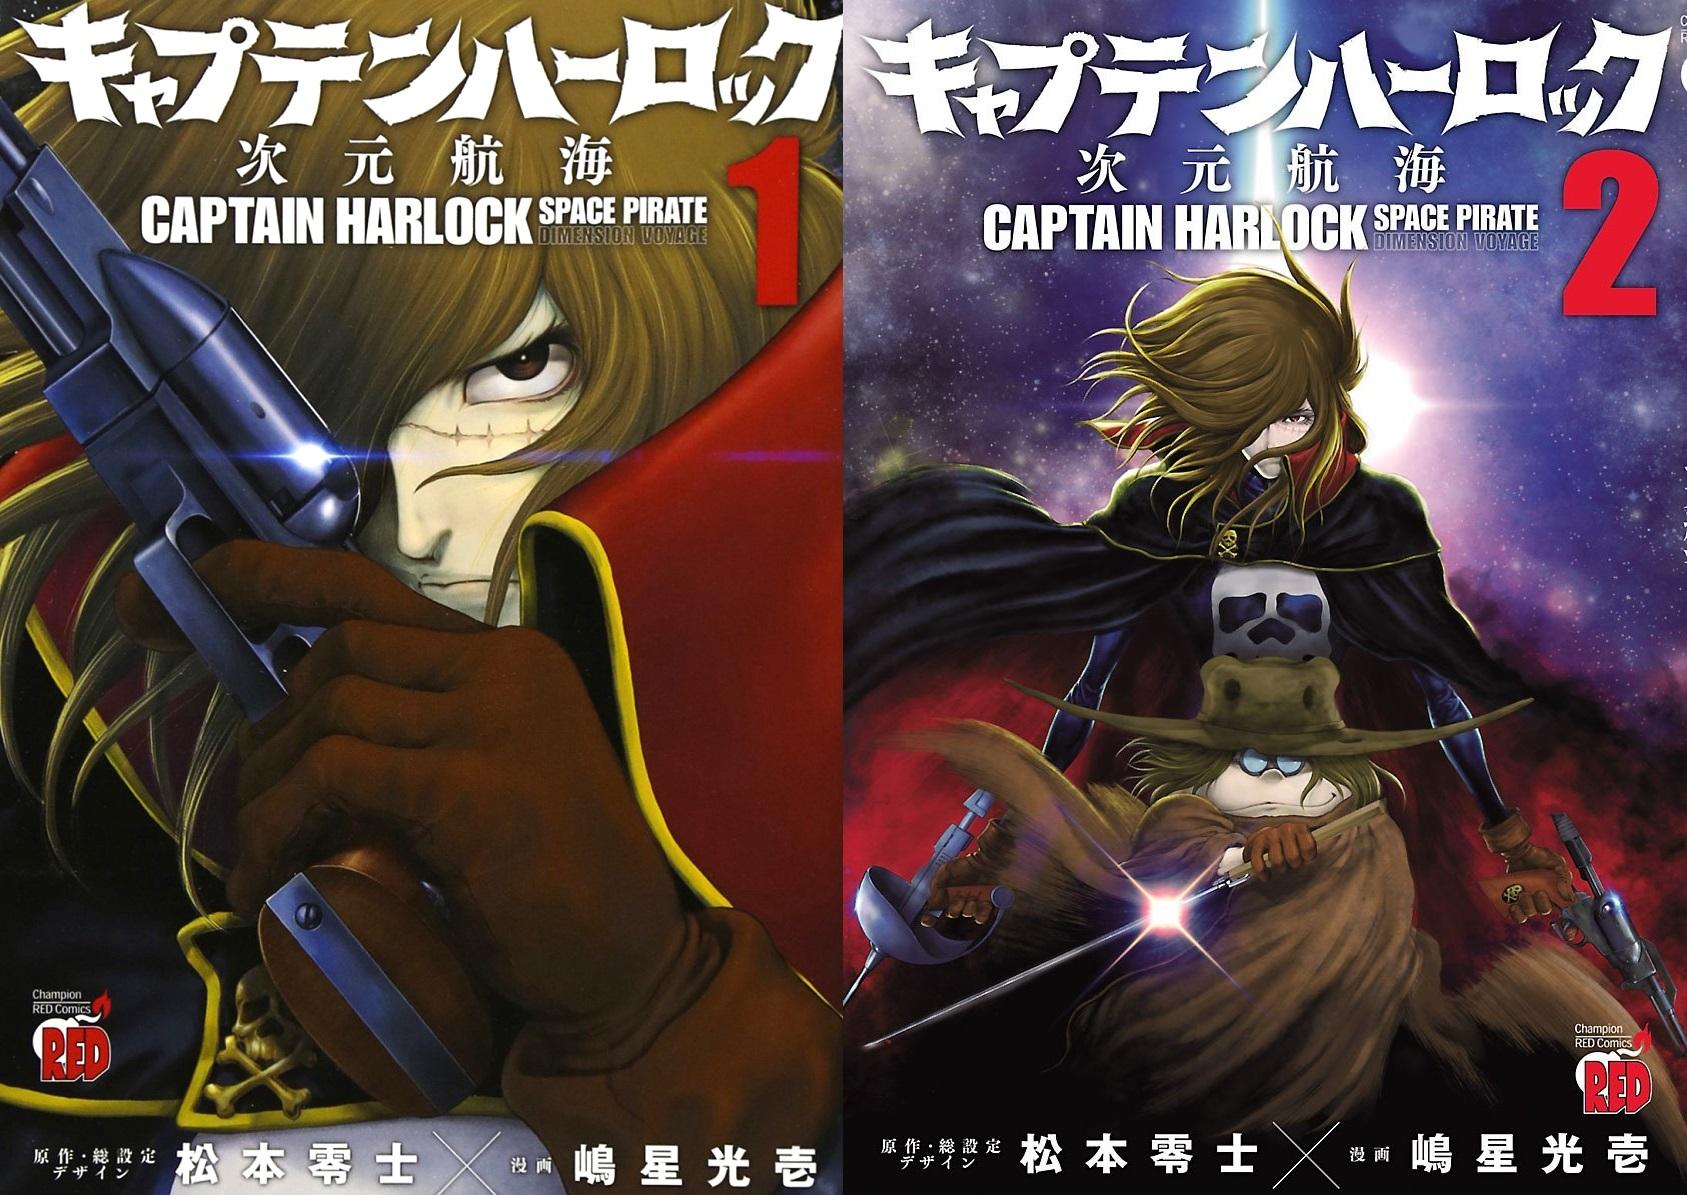 Volúmenes 1 y 2 de Capitán Harlock - Dimension Voyage.